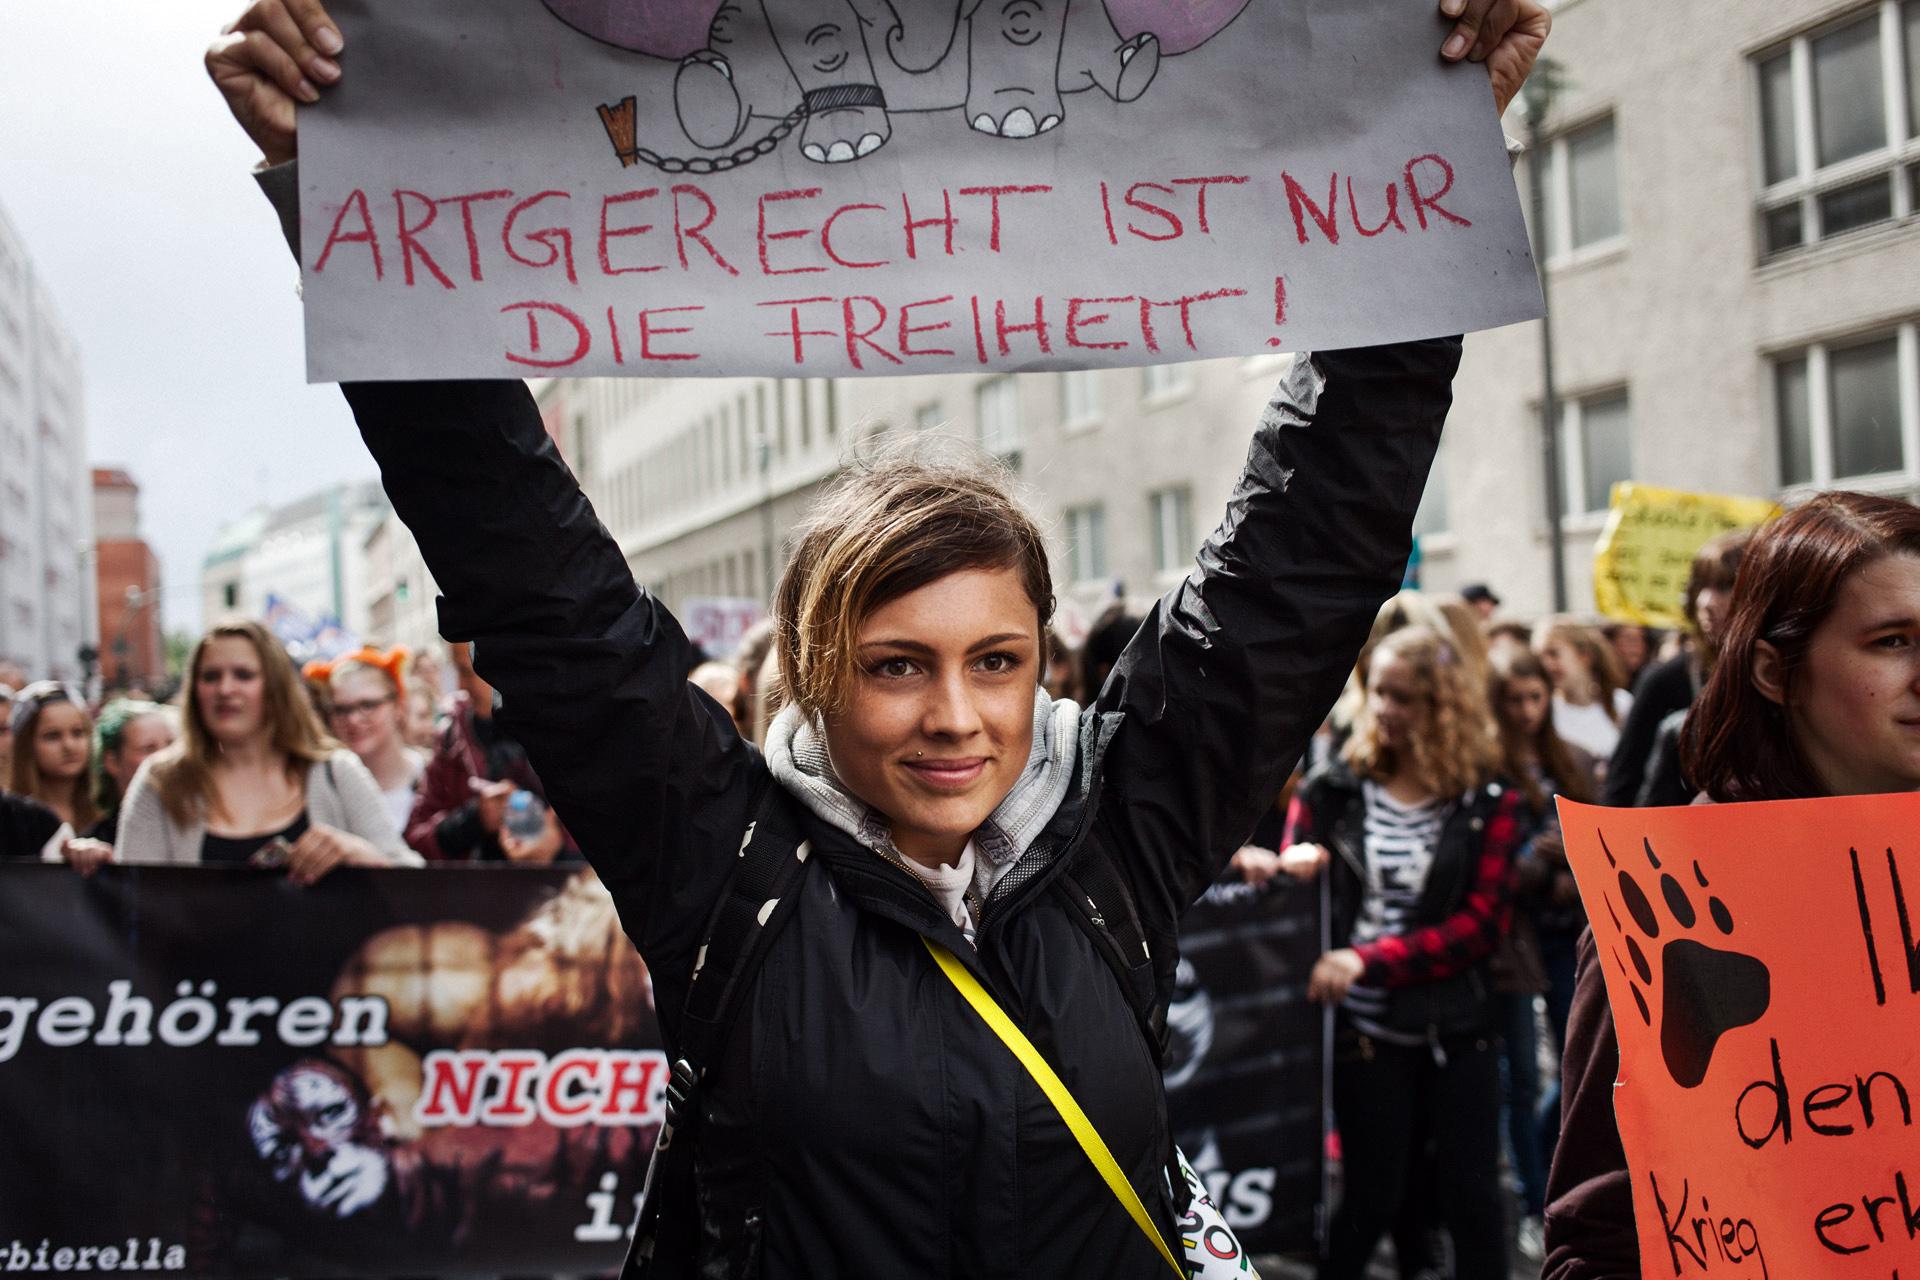 timo-stammberger-photography-fotografie-animal-rights-tierrechte-activism-artgerecht-ist-nur-die-freiheit-compassion